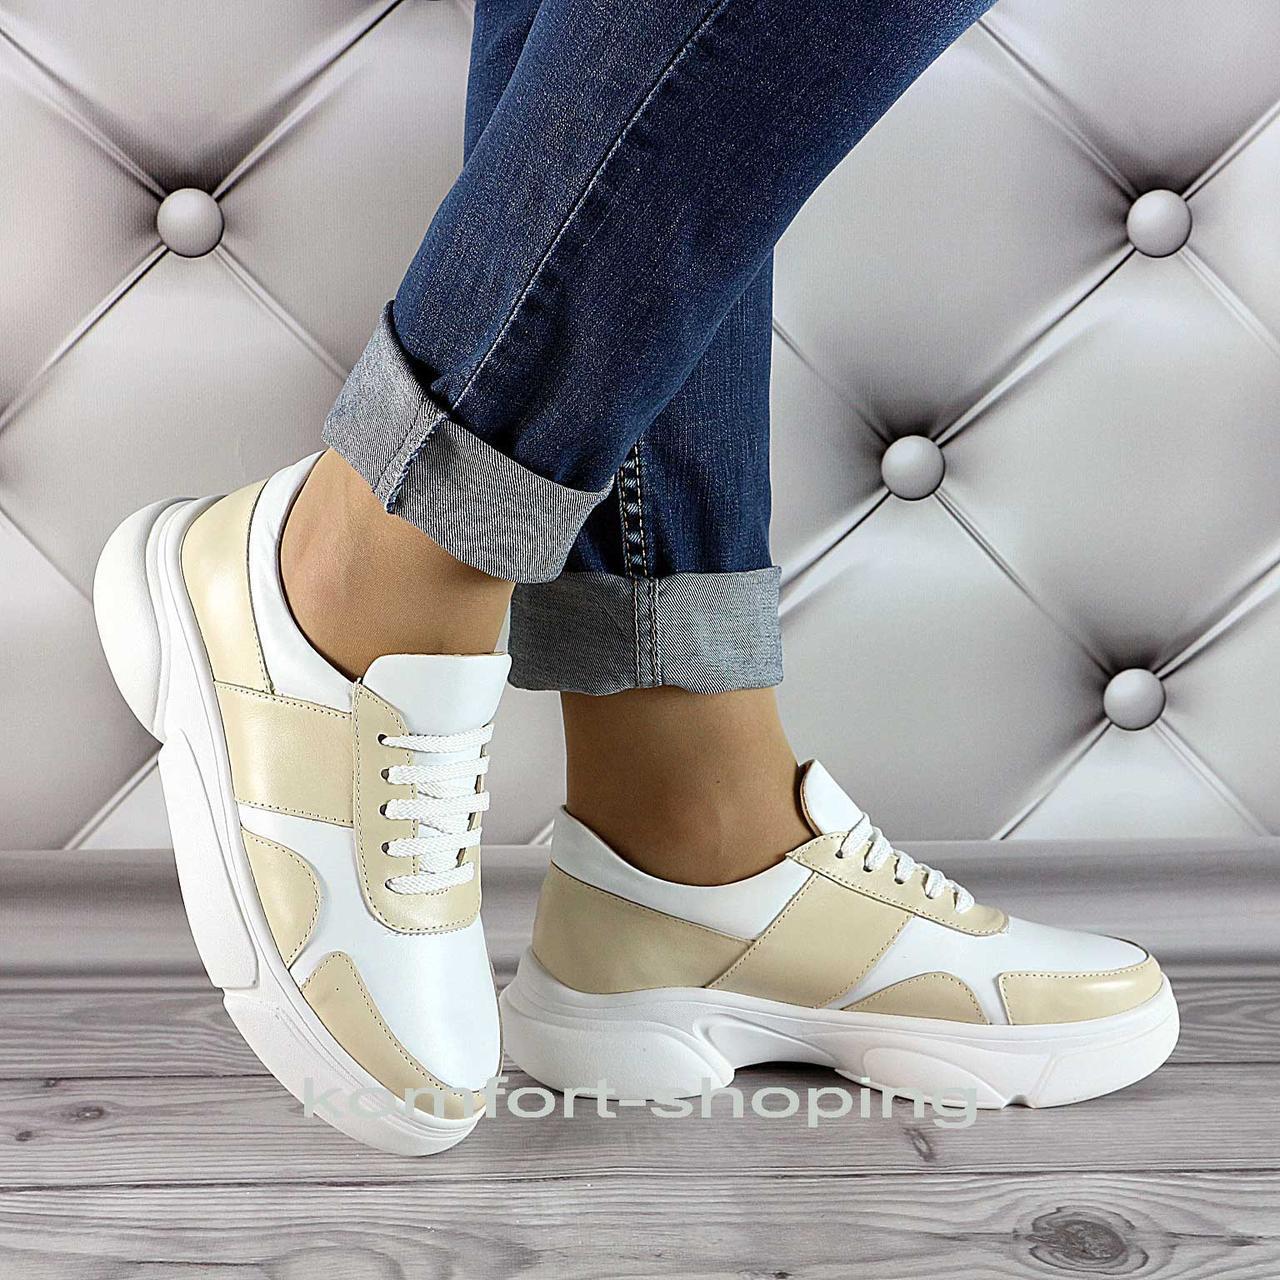 Женские кроссовки на шнуровке кожаные, белые+бежевый   V 1291